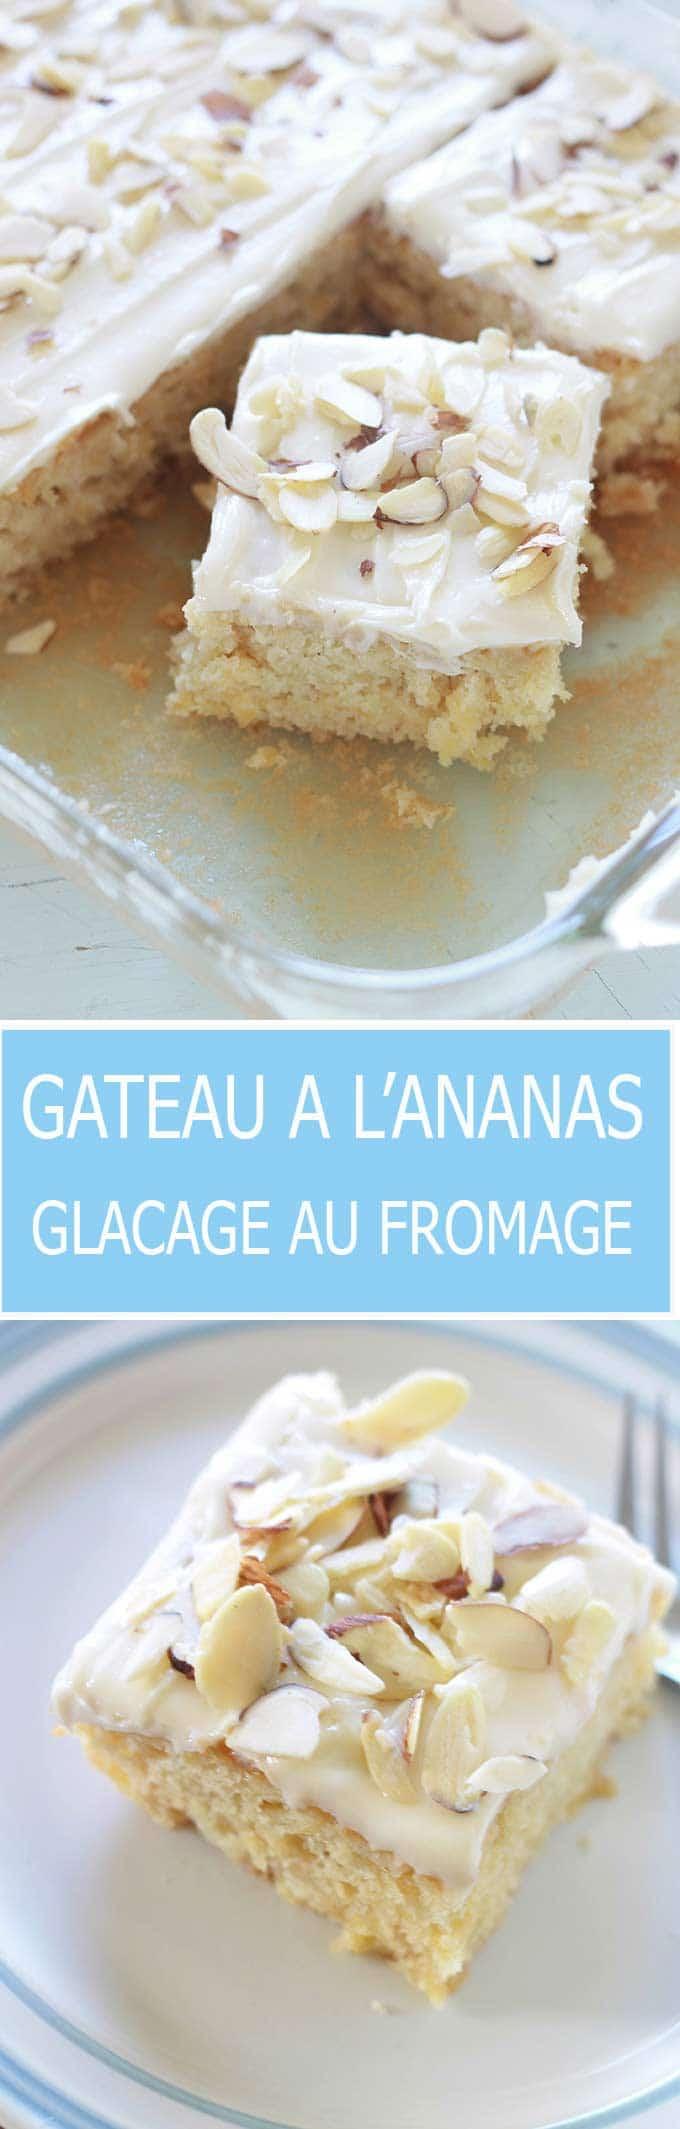 Gâteau à l'ananas moelleux avec un délicieux glaçage au fromage à la crème. Ne contient pas d'huile ni de beurre (à part dans le glaçage, mais il est facultatif). Très facile à faire et à réussir.